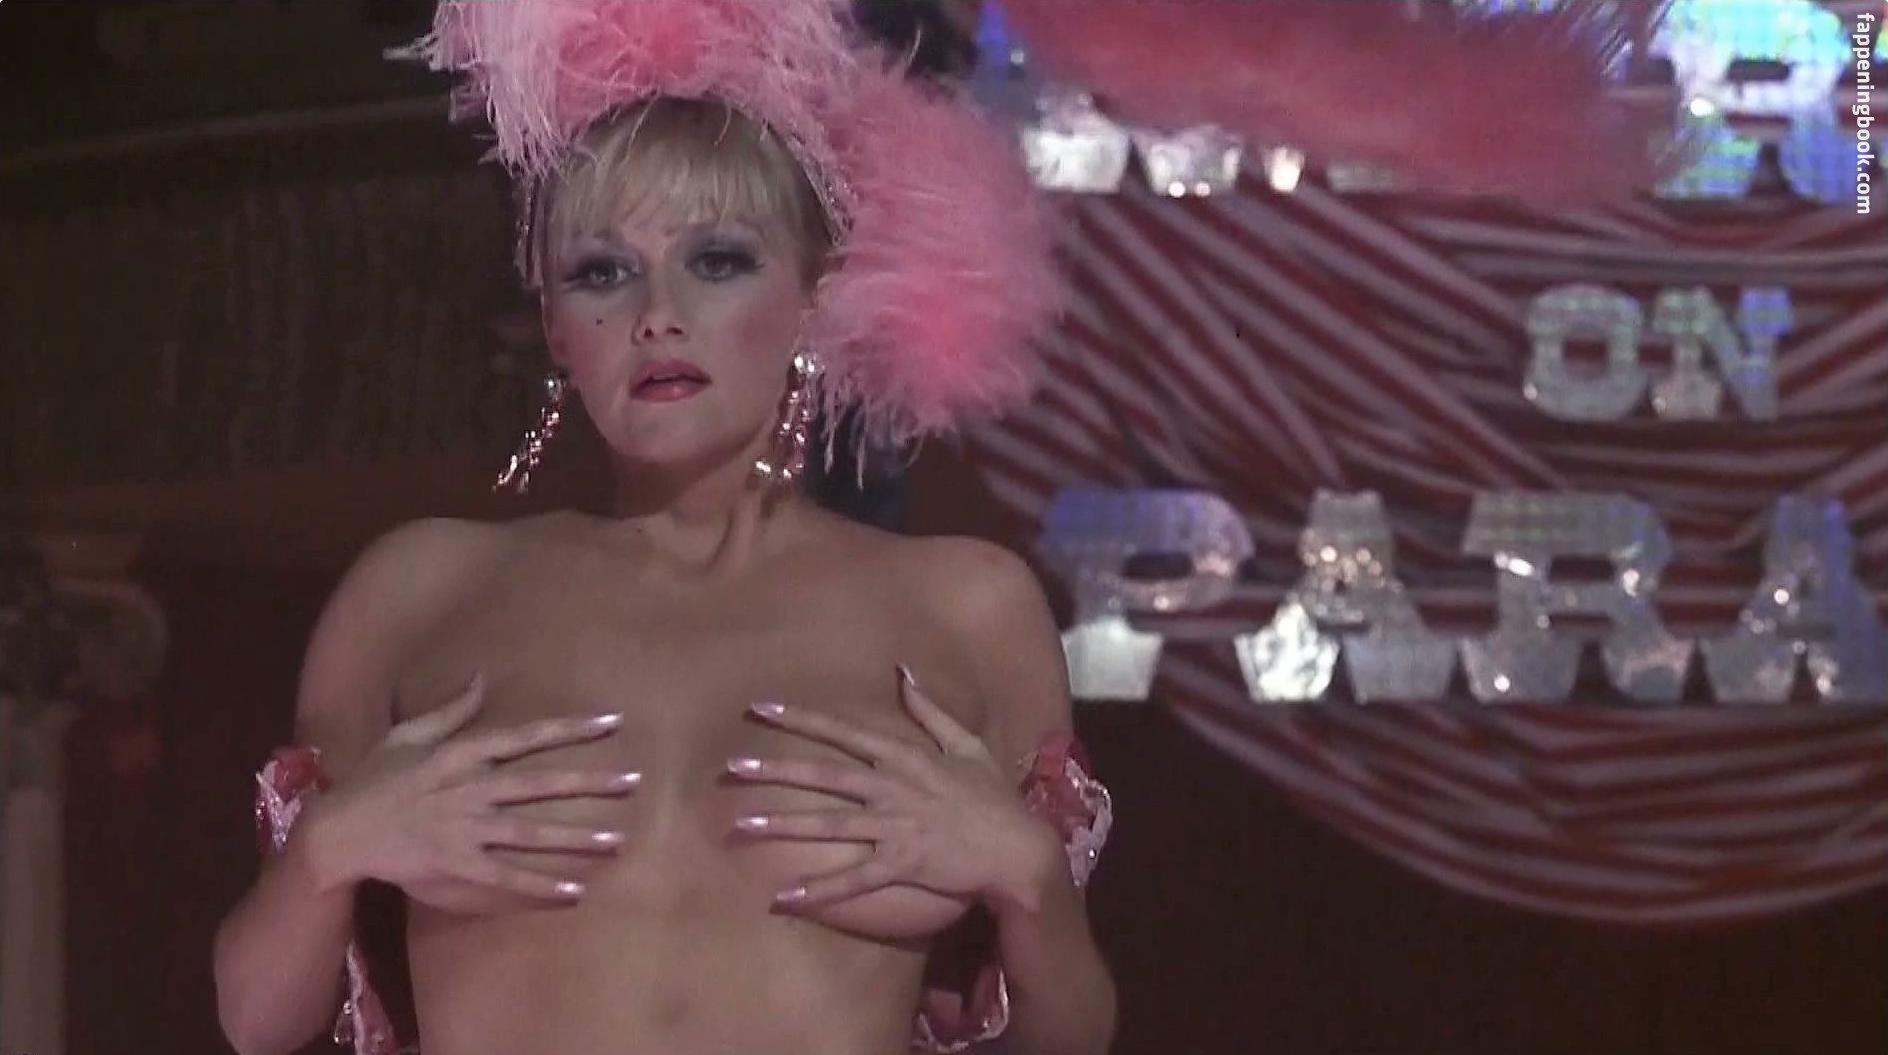 Camille coduri beautiful celebrity sexy nude scene